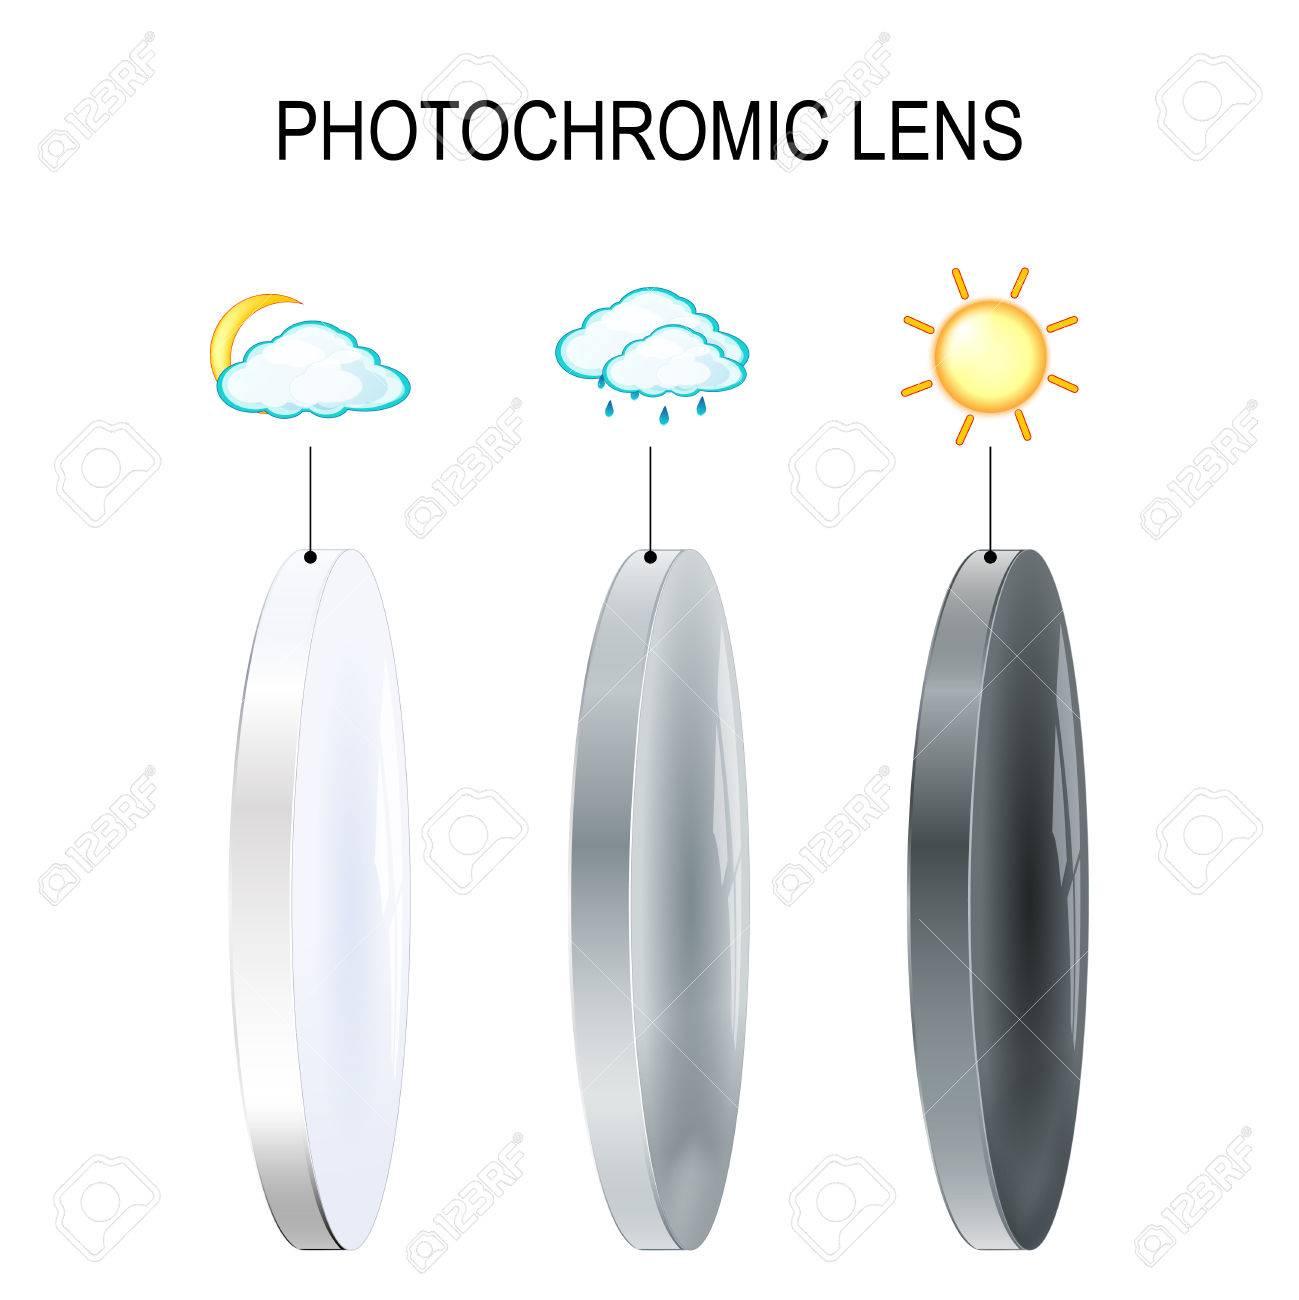 Photochromic lens filter out harmful UV - 77920155